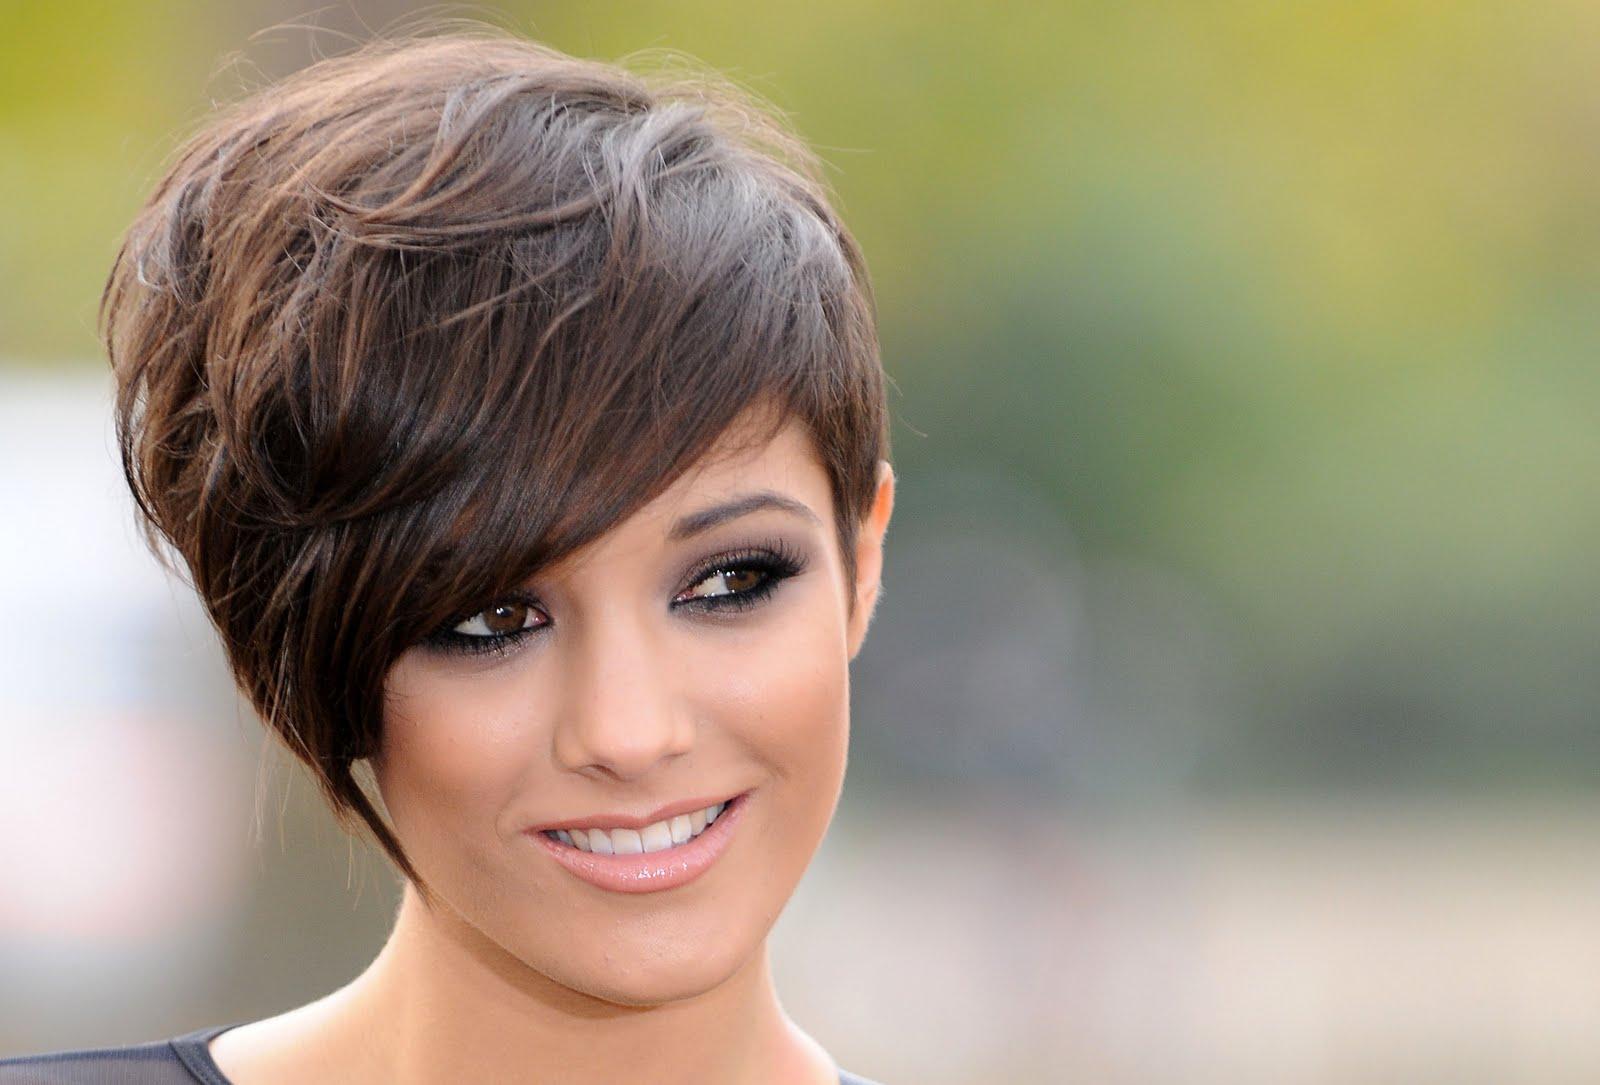 How To Repair Summer Hair Salon One Wellesley